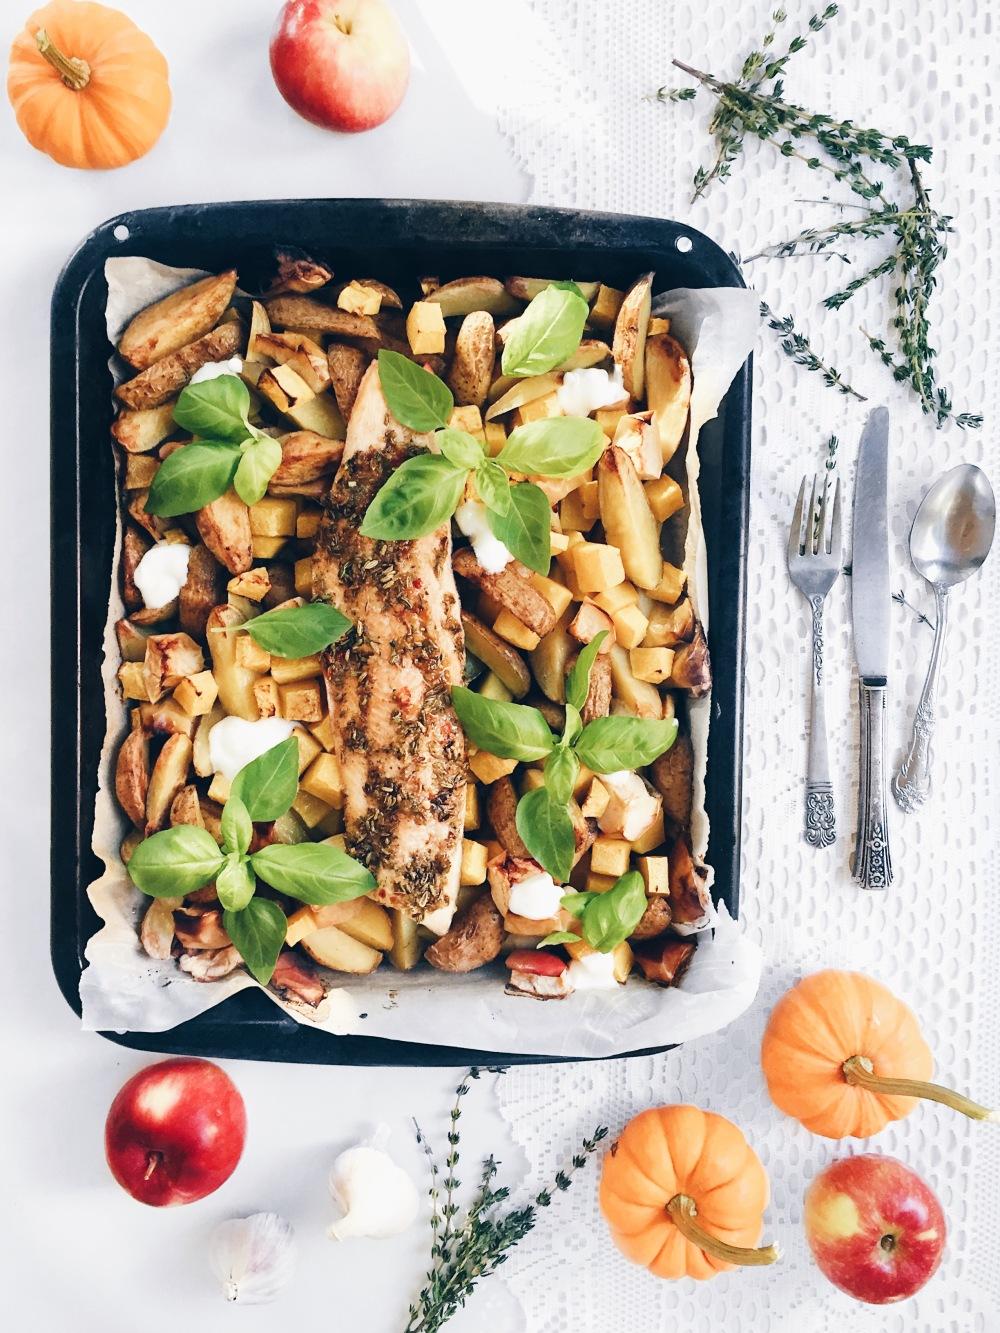 Repas tout-en-un dans une plaque de poisson et de pommes de terres, courges et pommes grillées